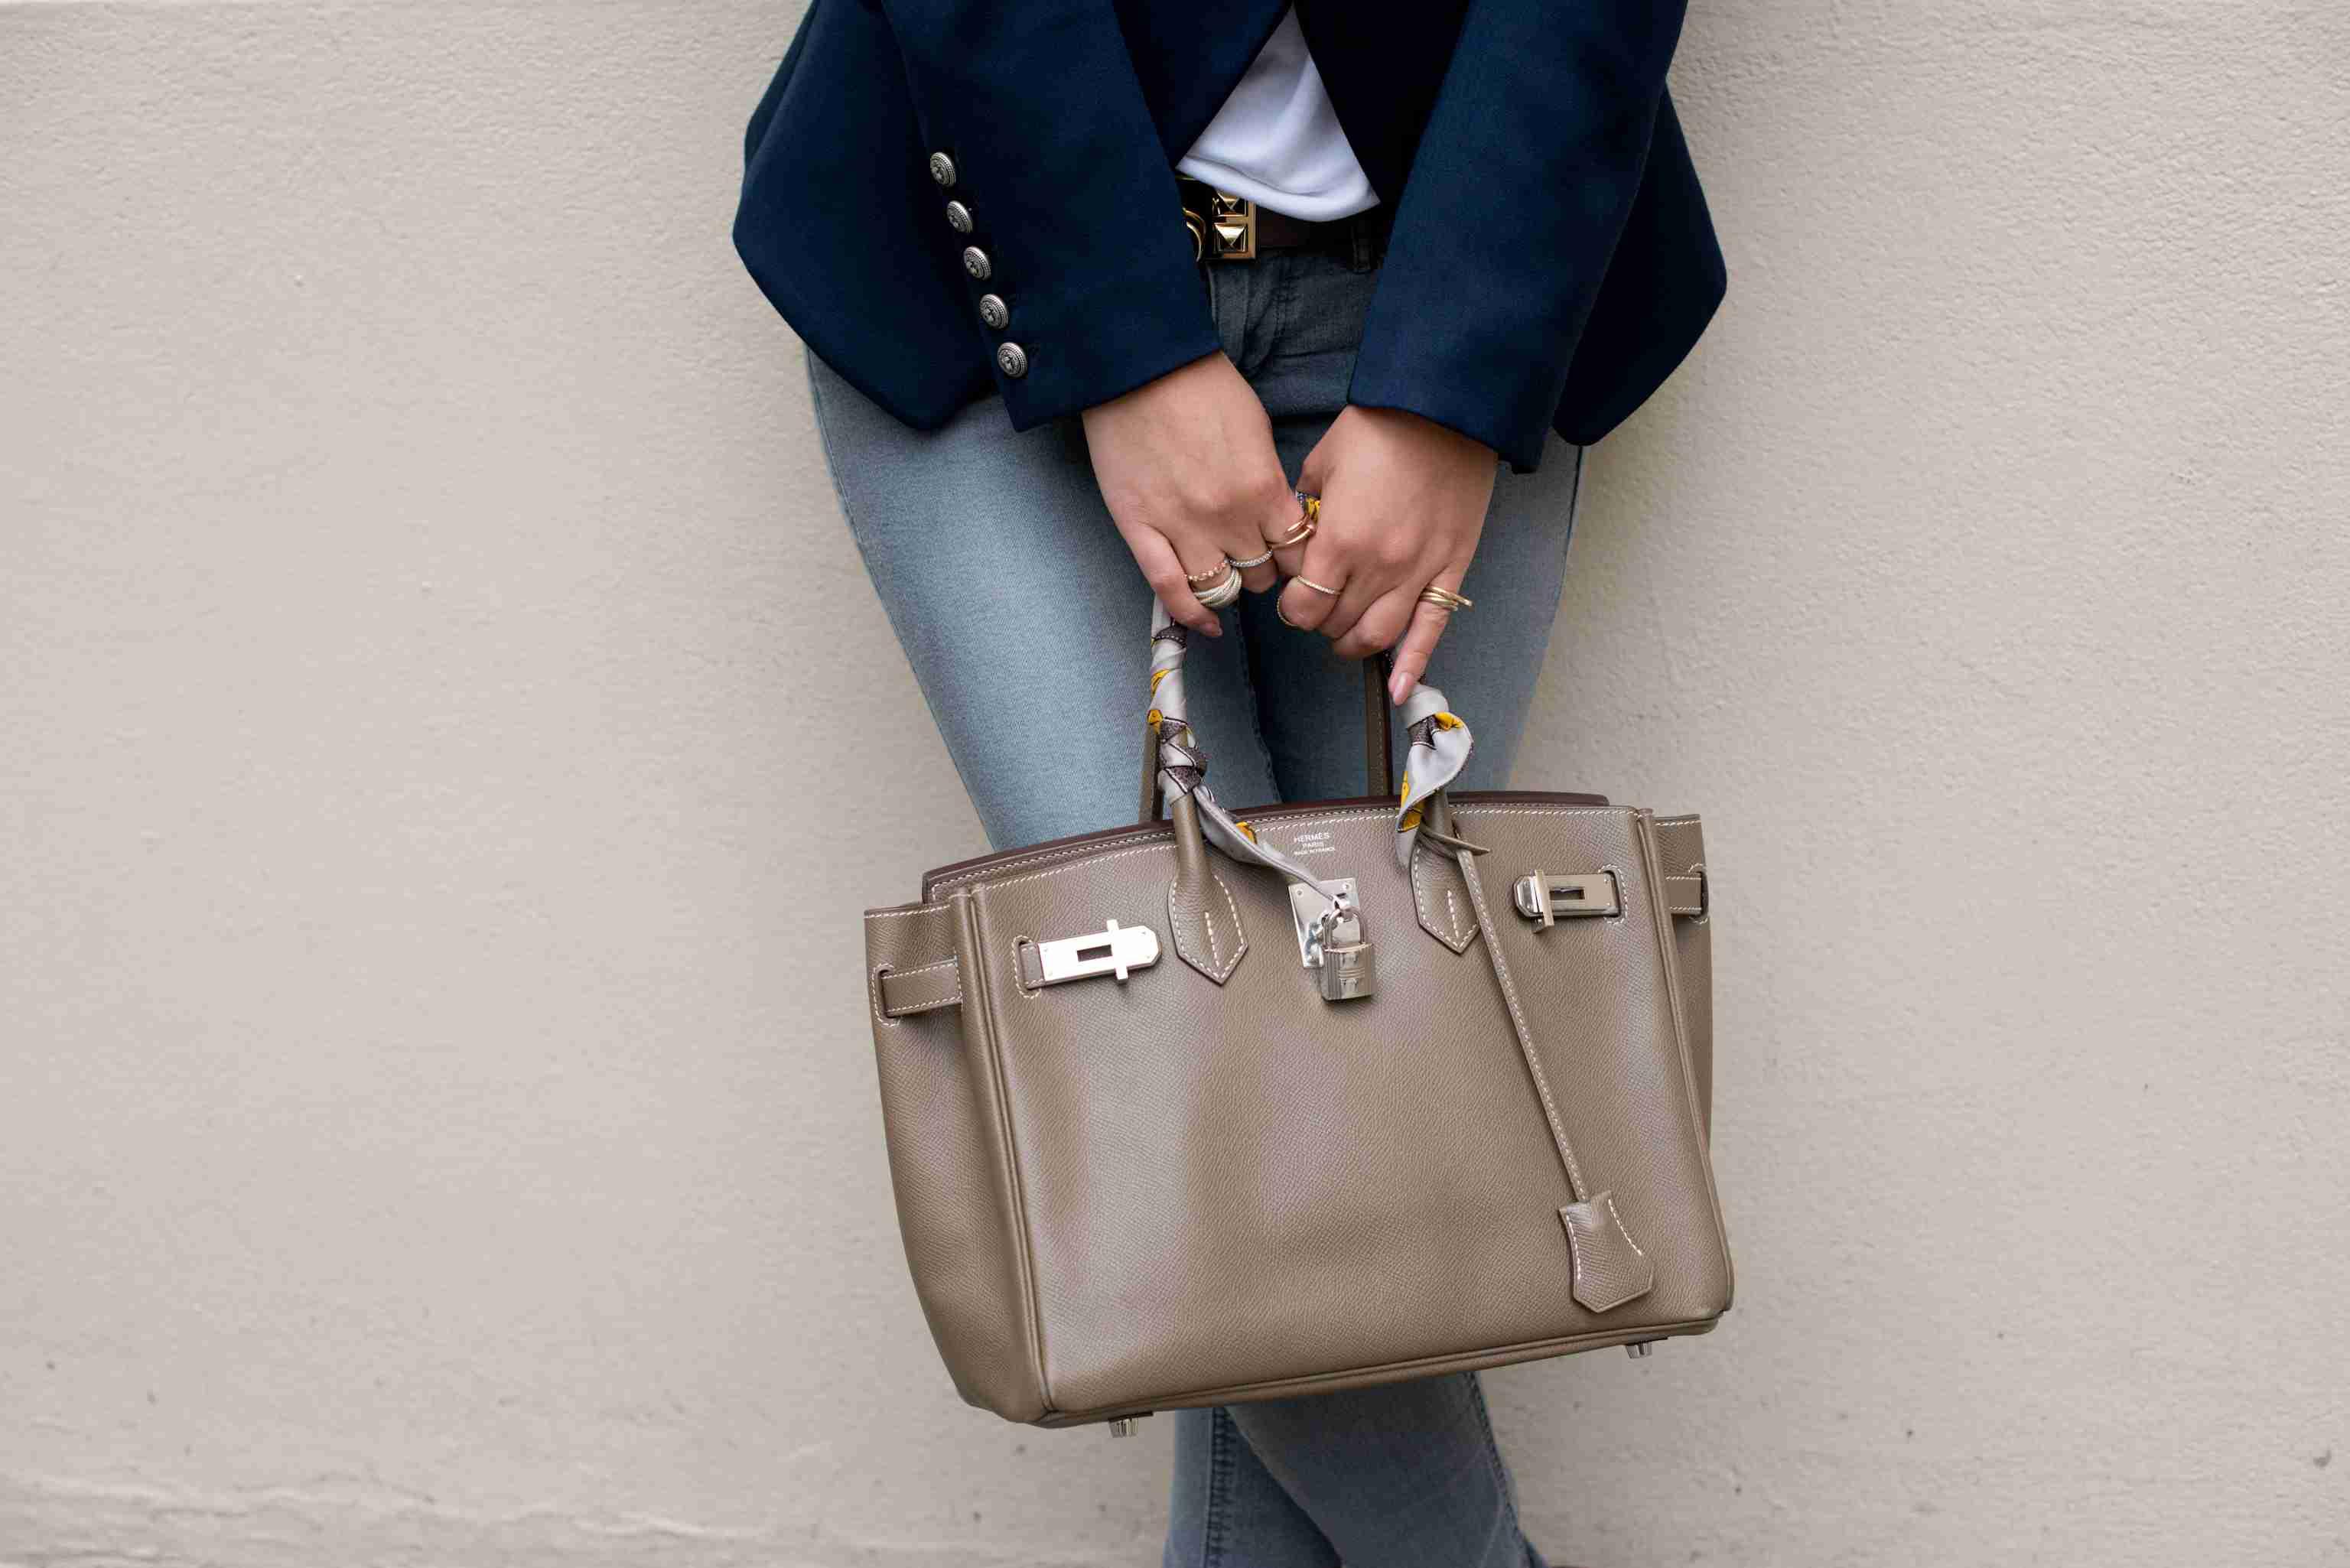 Fashion-blogger-Peony-Lim-Hermes-bag-H-and-M-jeans-Balmain-jacket-Gap-shirt-Kirstin-Sinclair.jpg